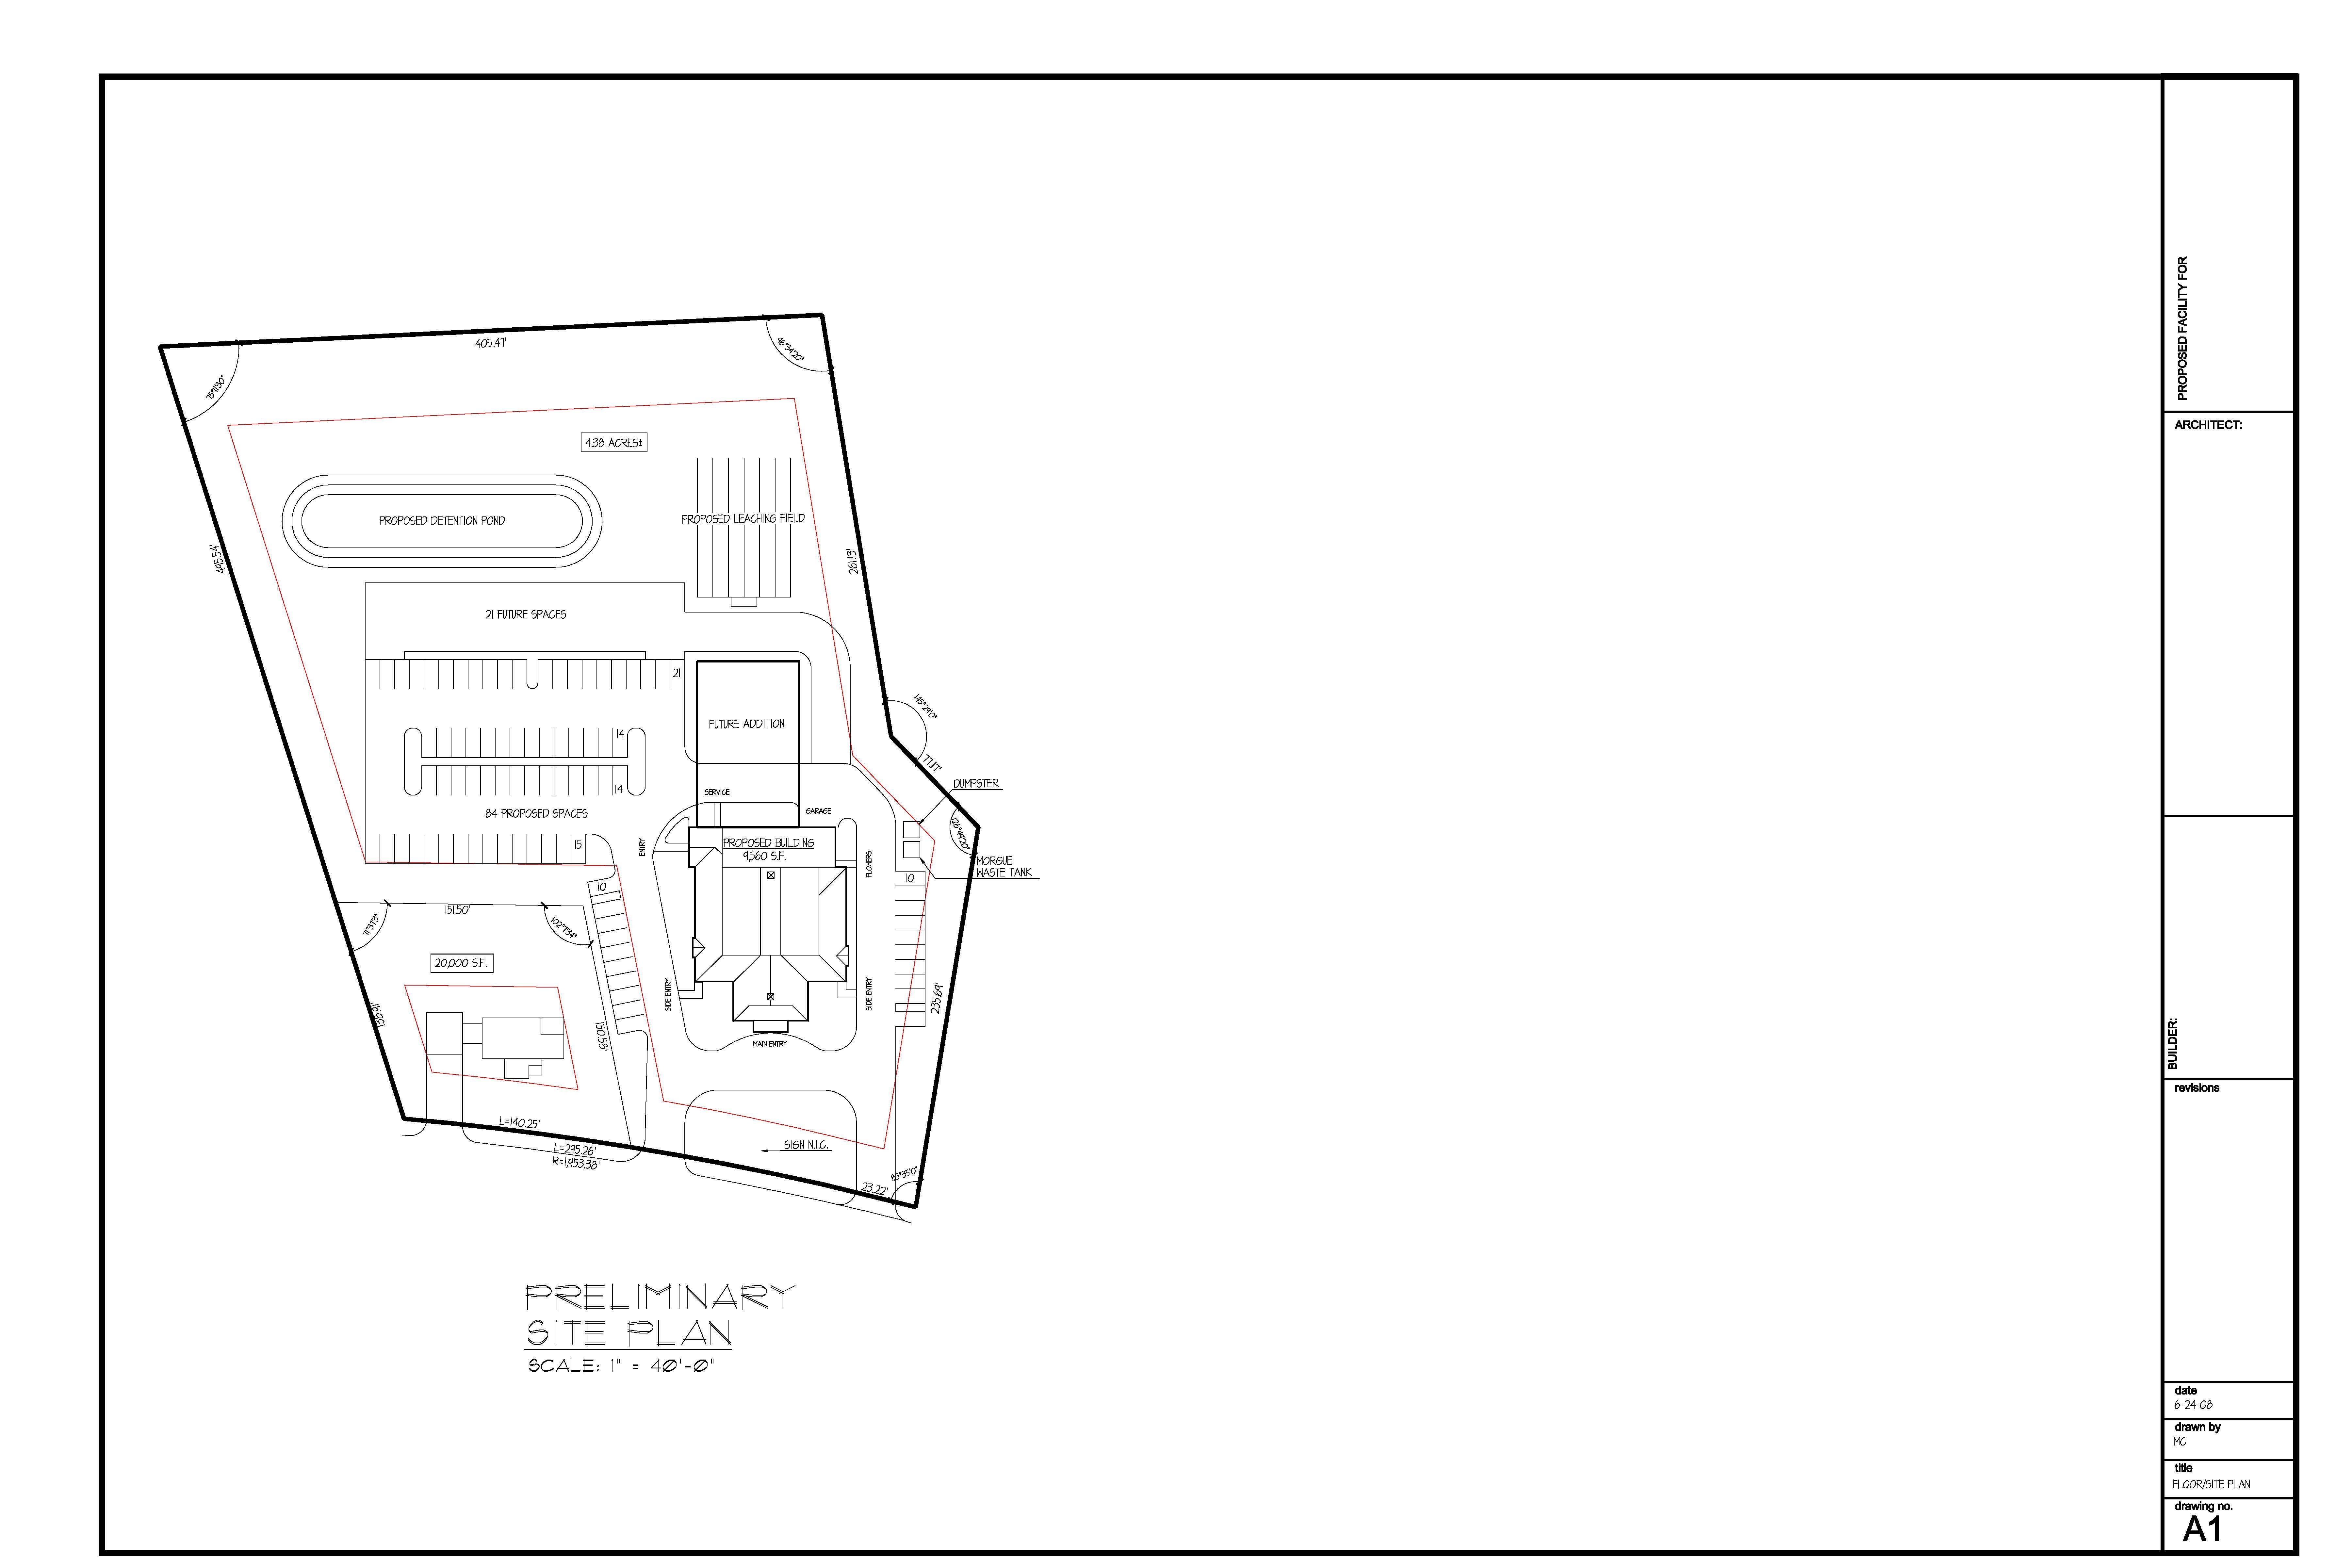 Schematic Site Layout